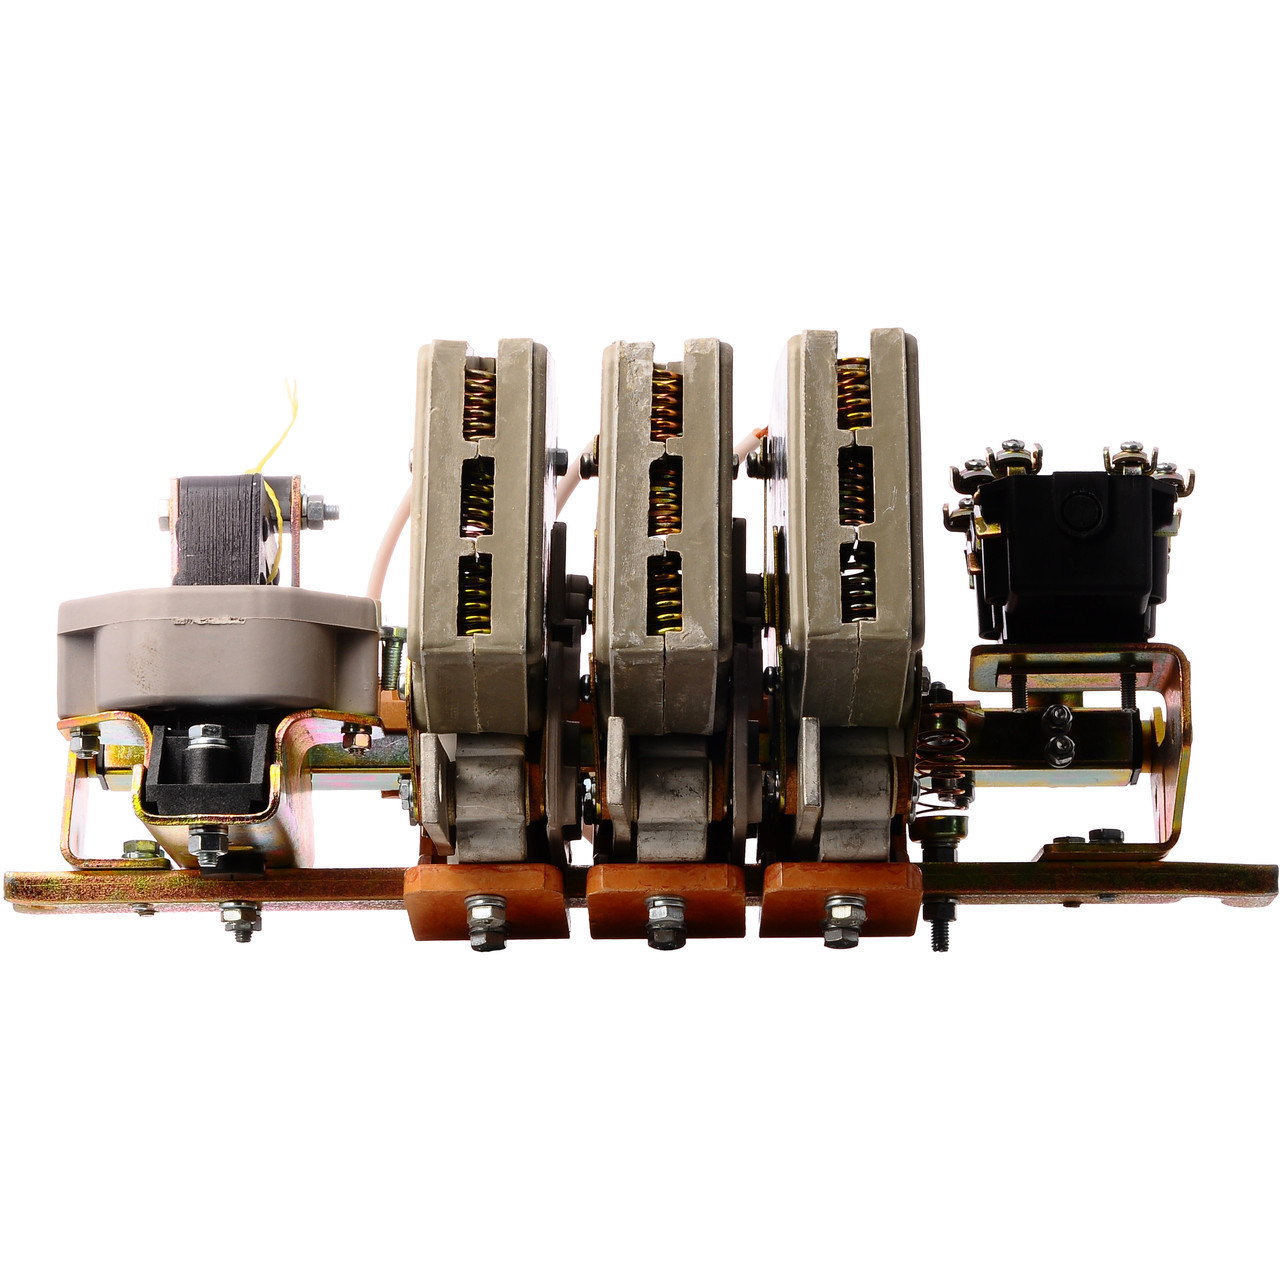 Контактор КТ 6033МБ 380В, 250А